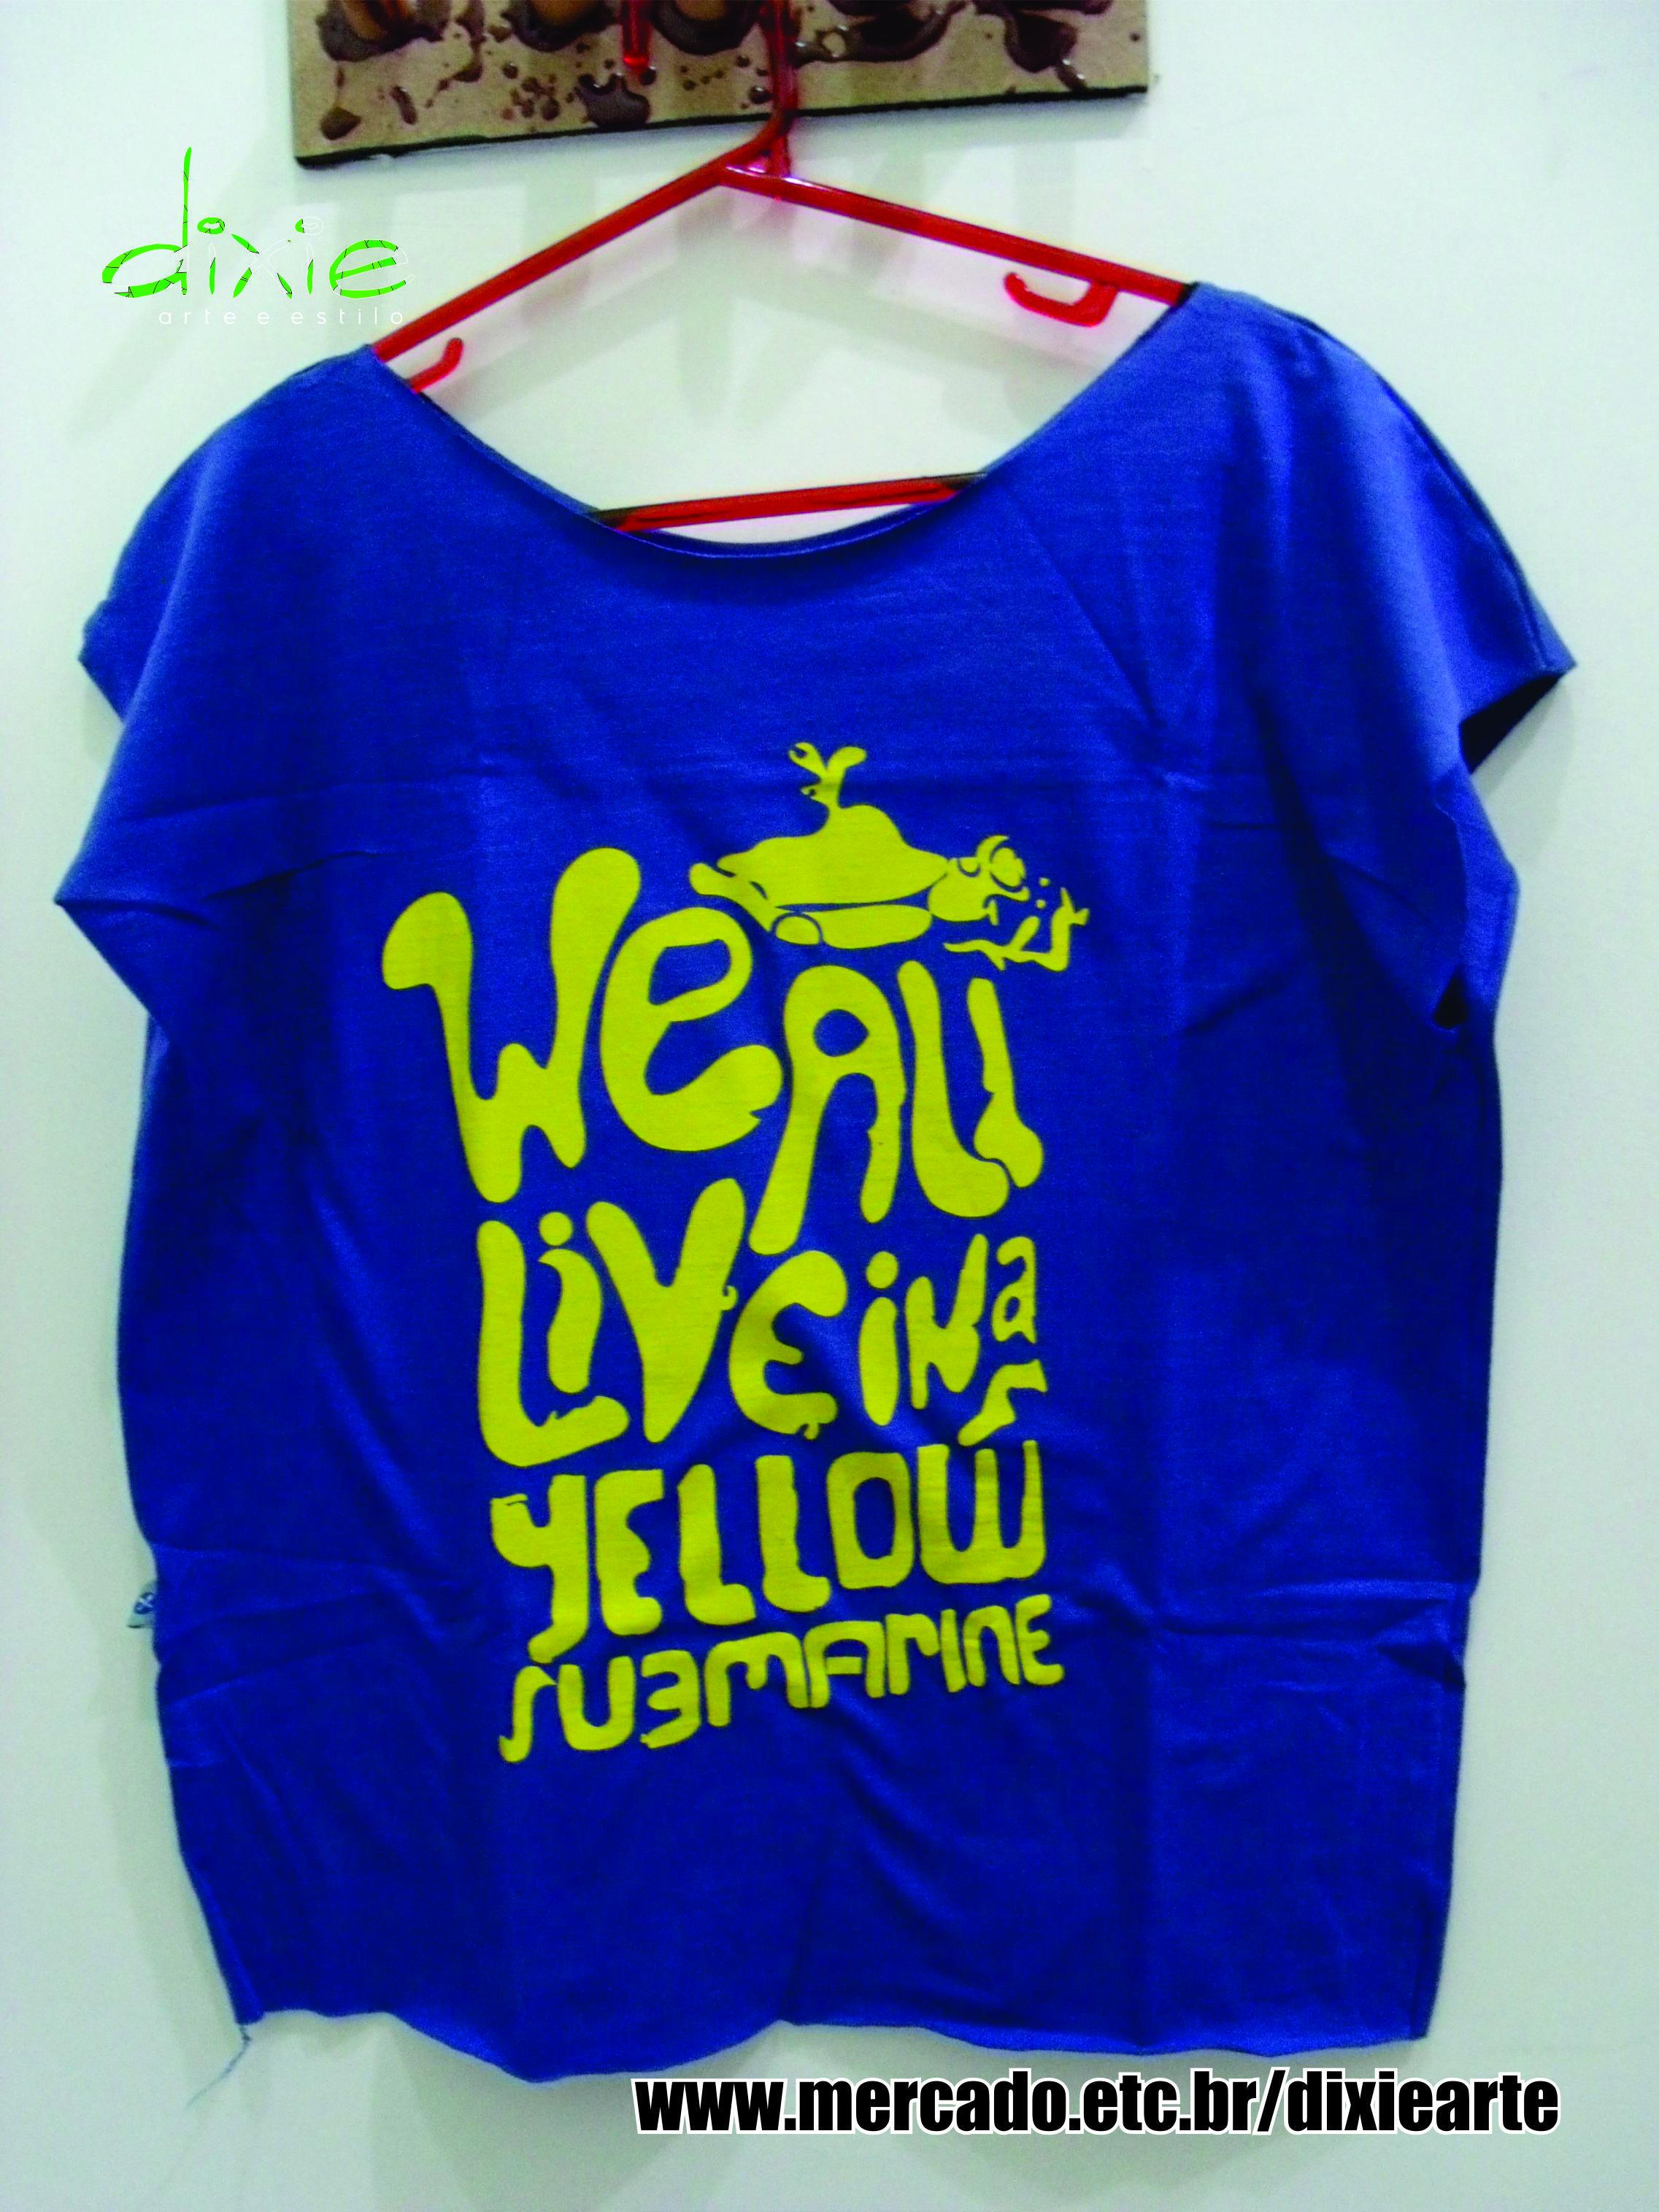 1fda494910 Camisetão Yellow Submarine www.elo7.com.br dixiearte